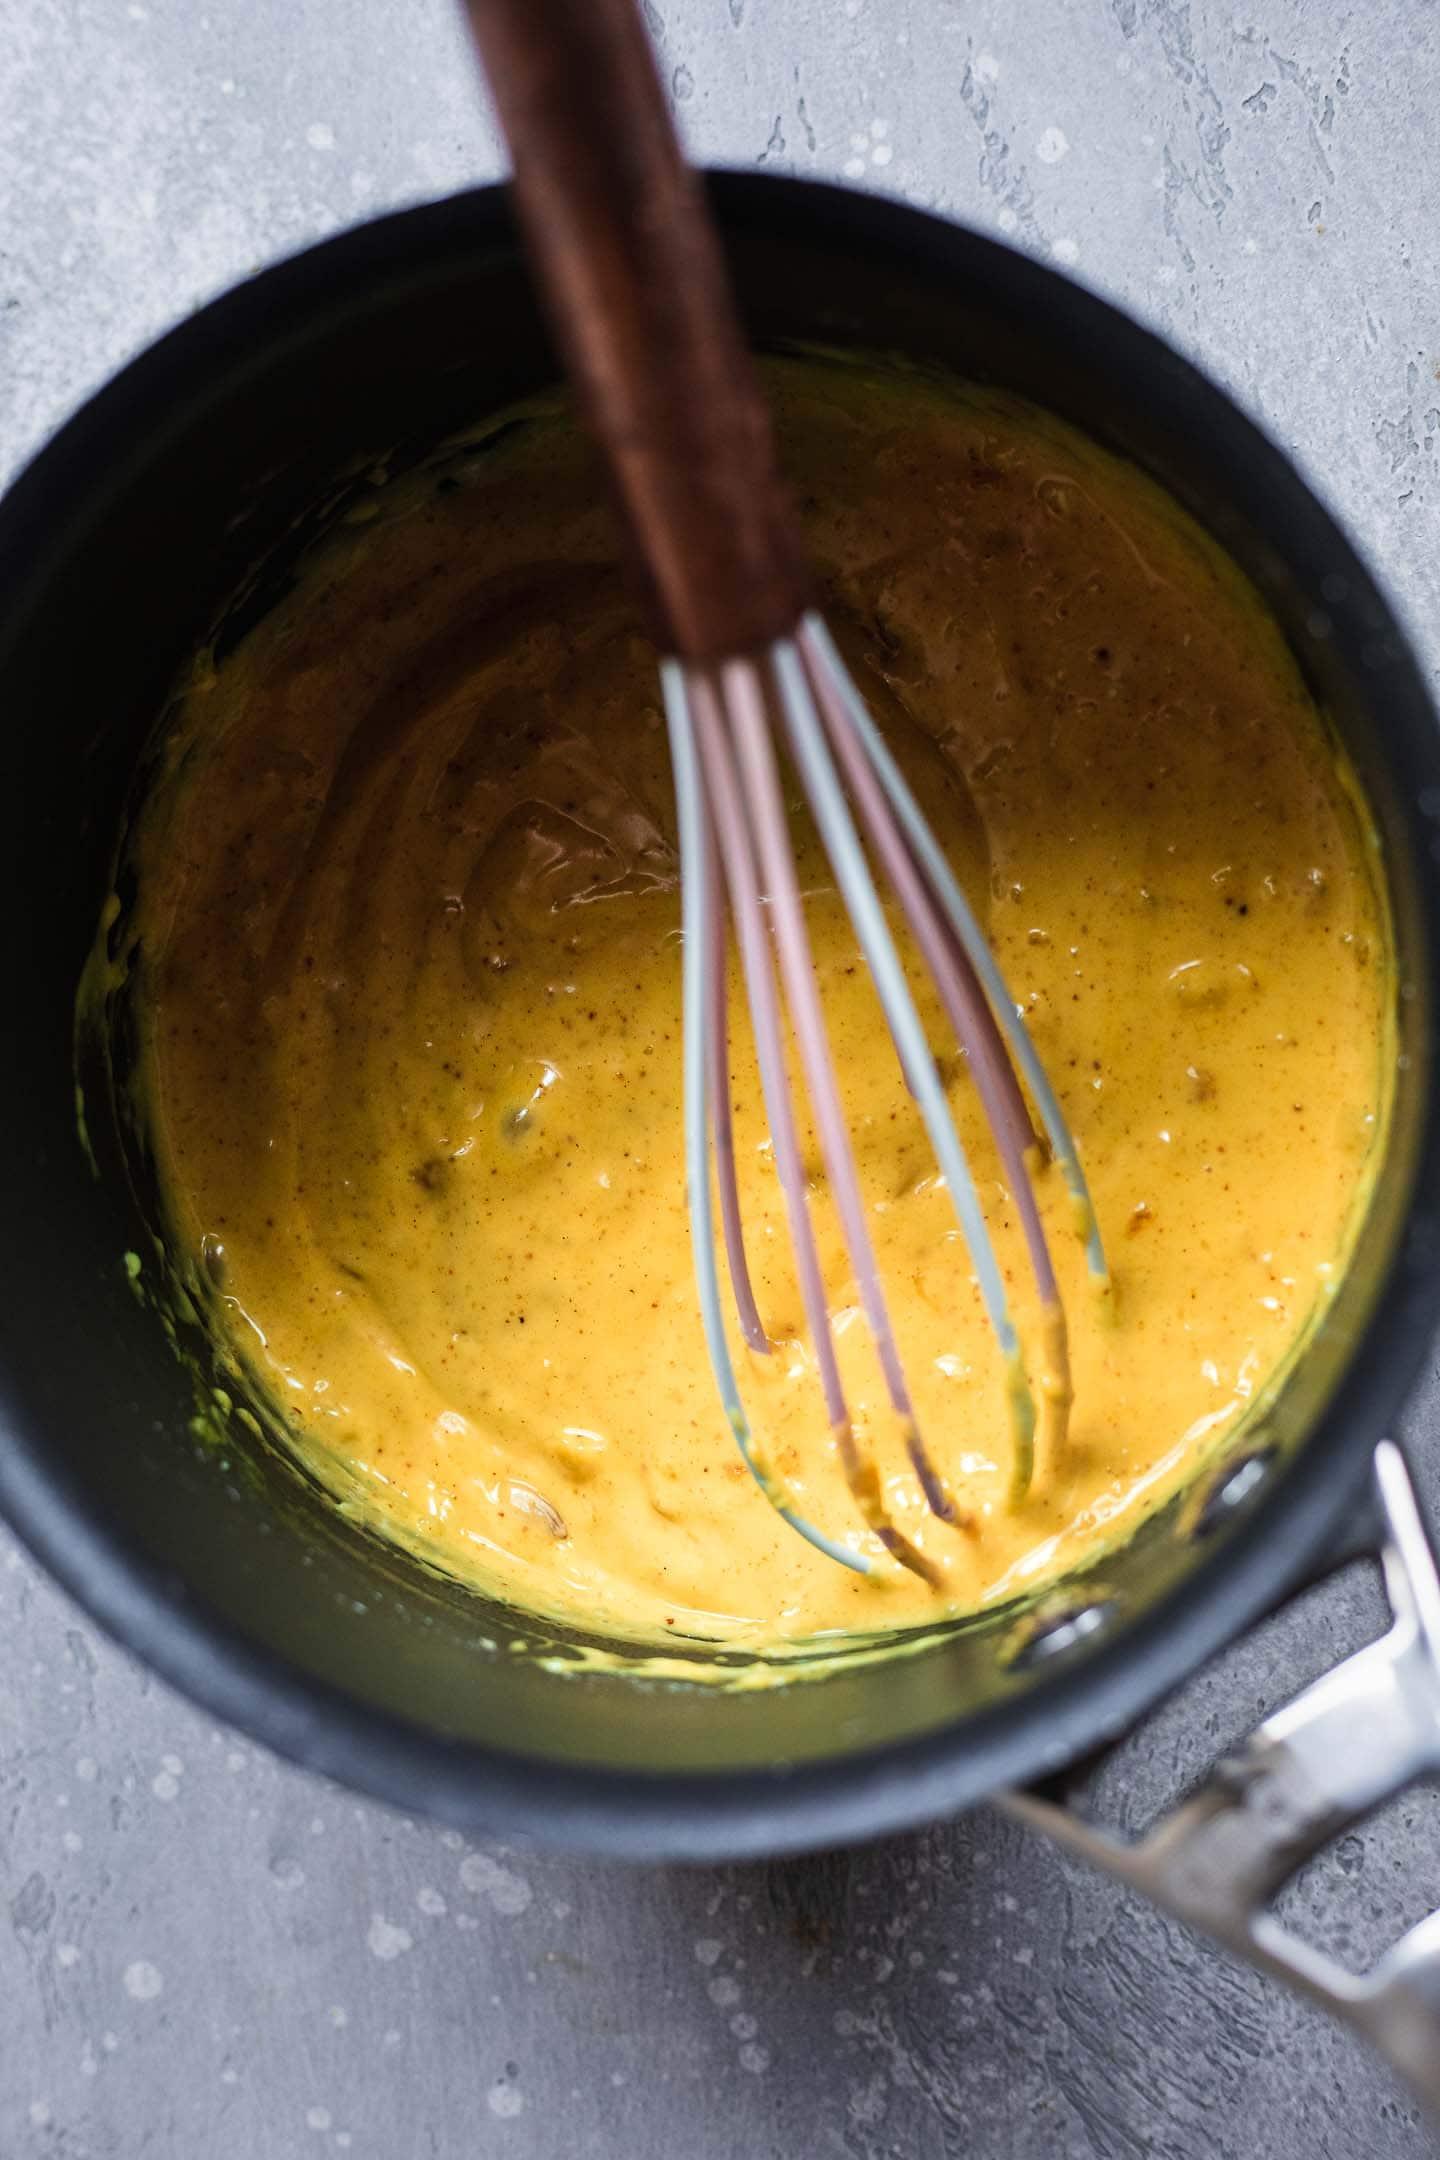 Vegan nacho cheese